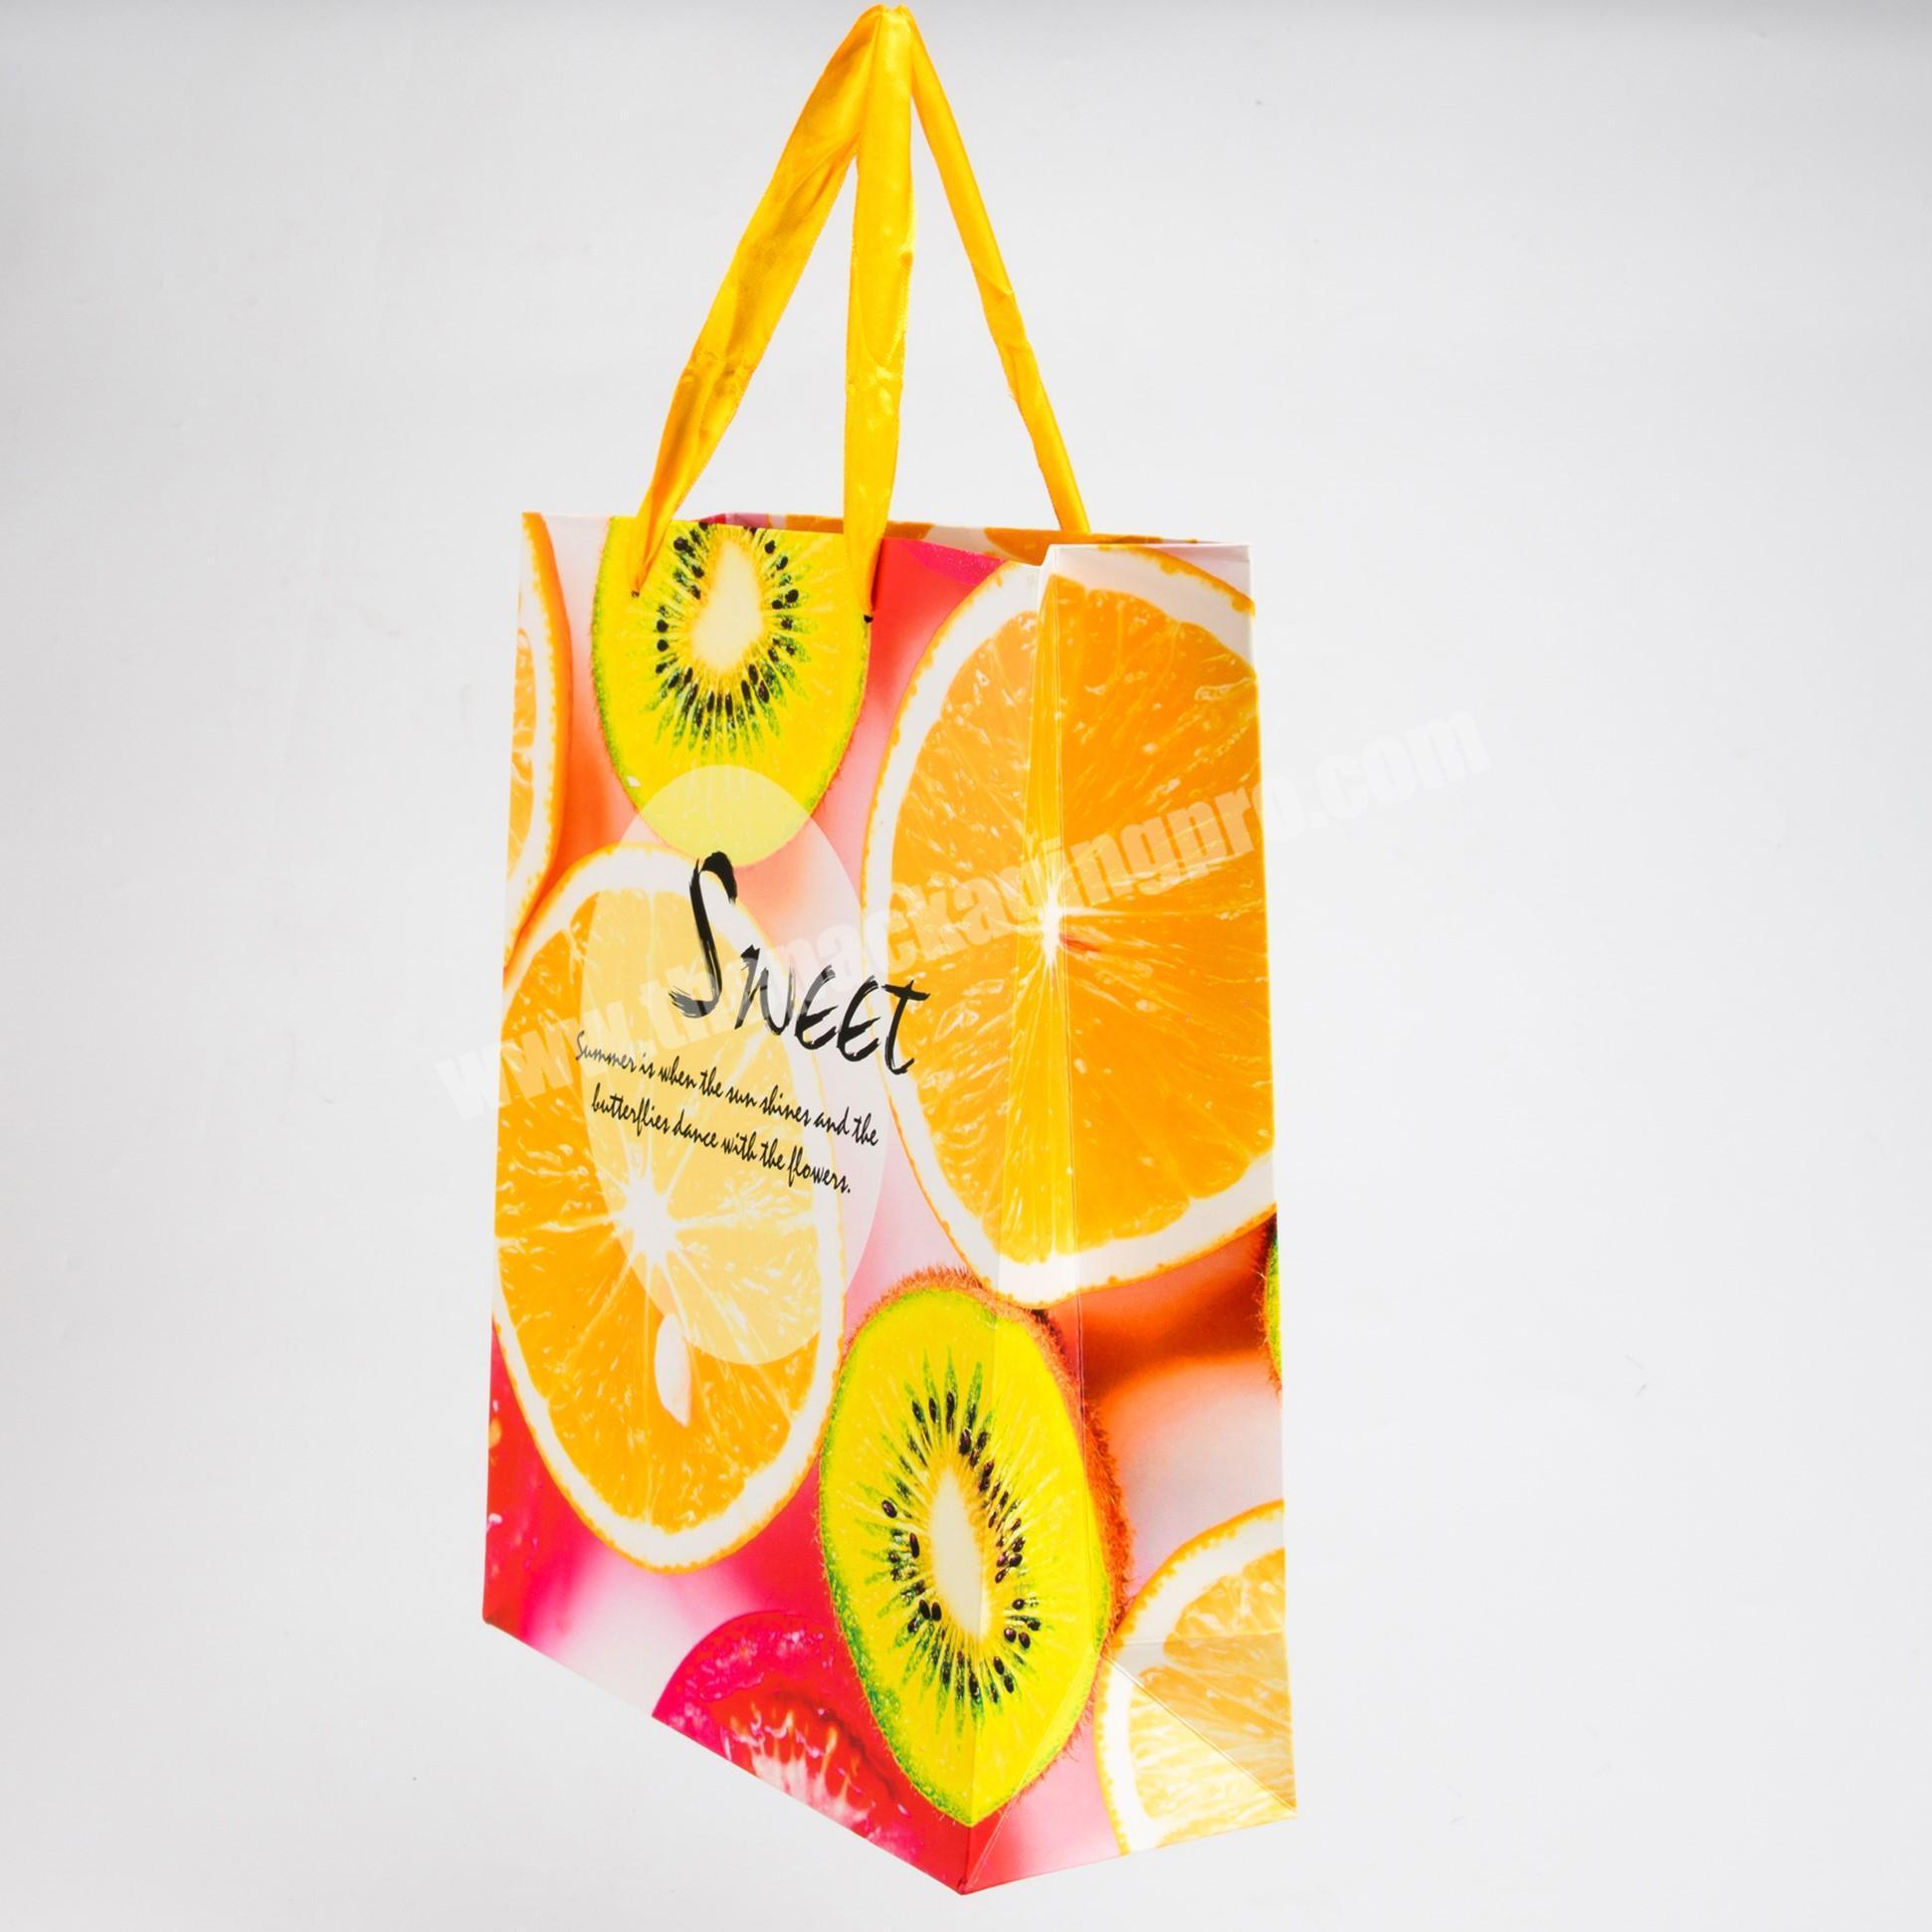 Custom luxury jean packaging paper bag with handle